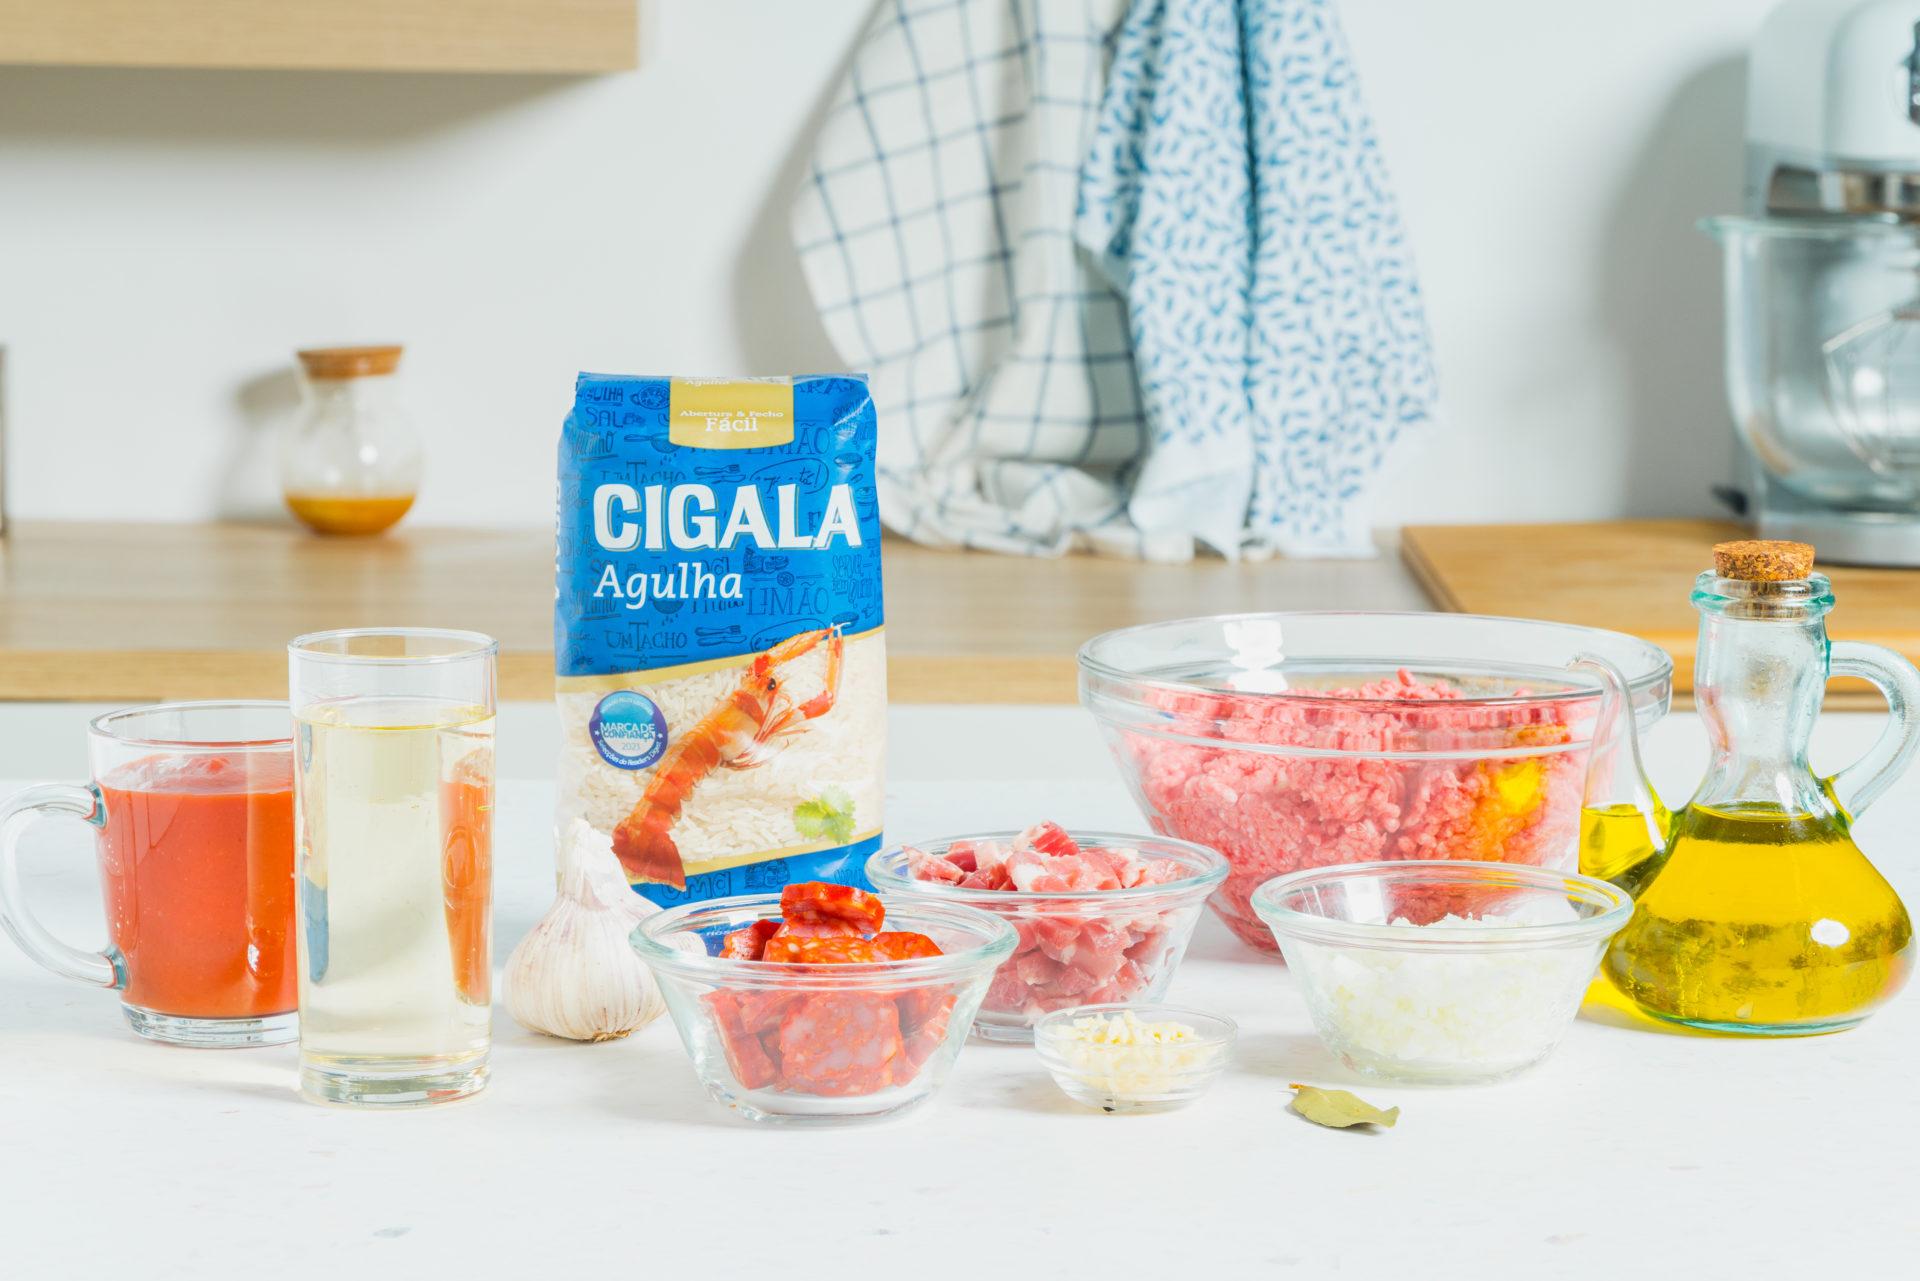 ingredientes para preparar a receita de empadão